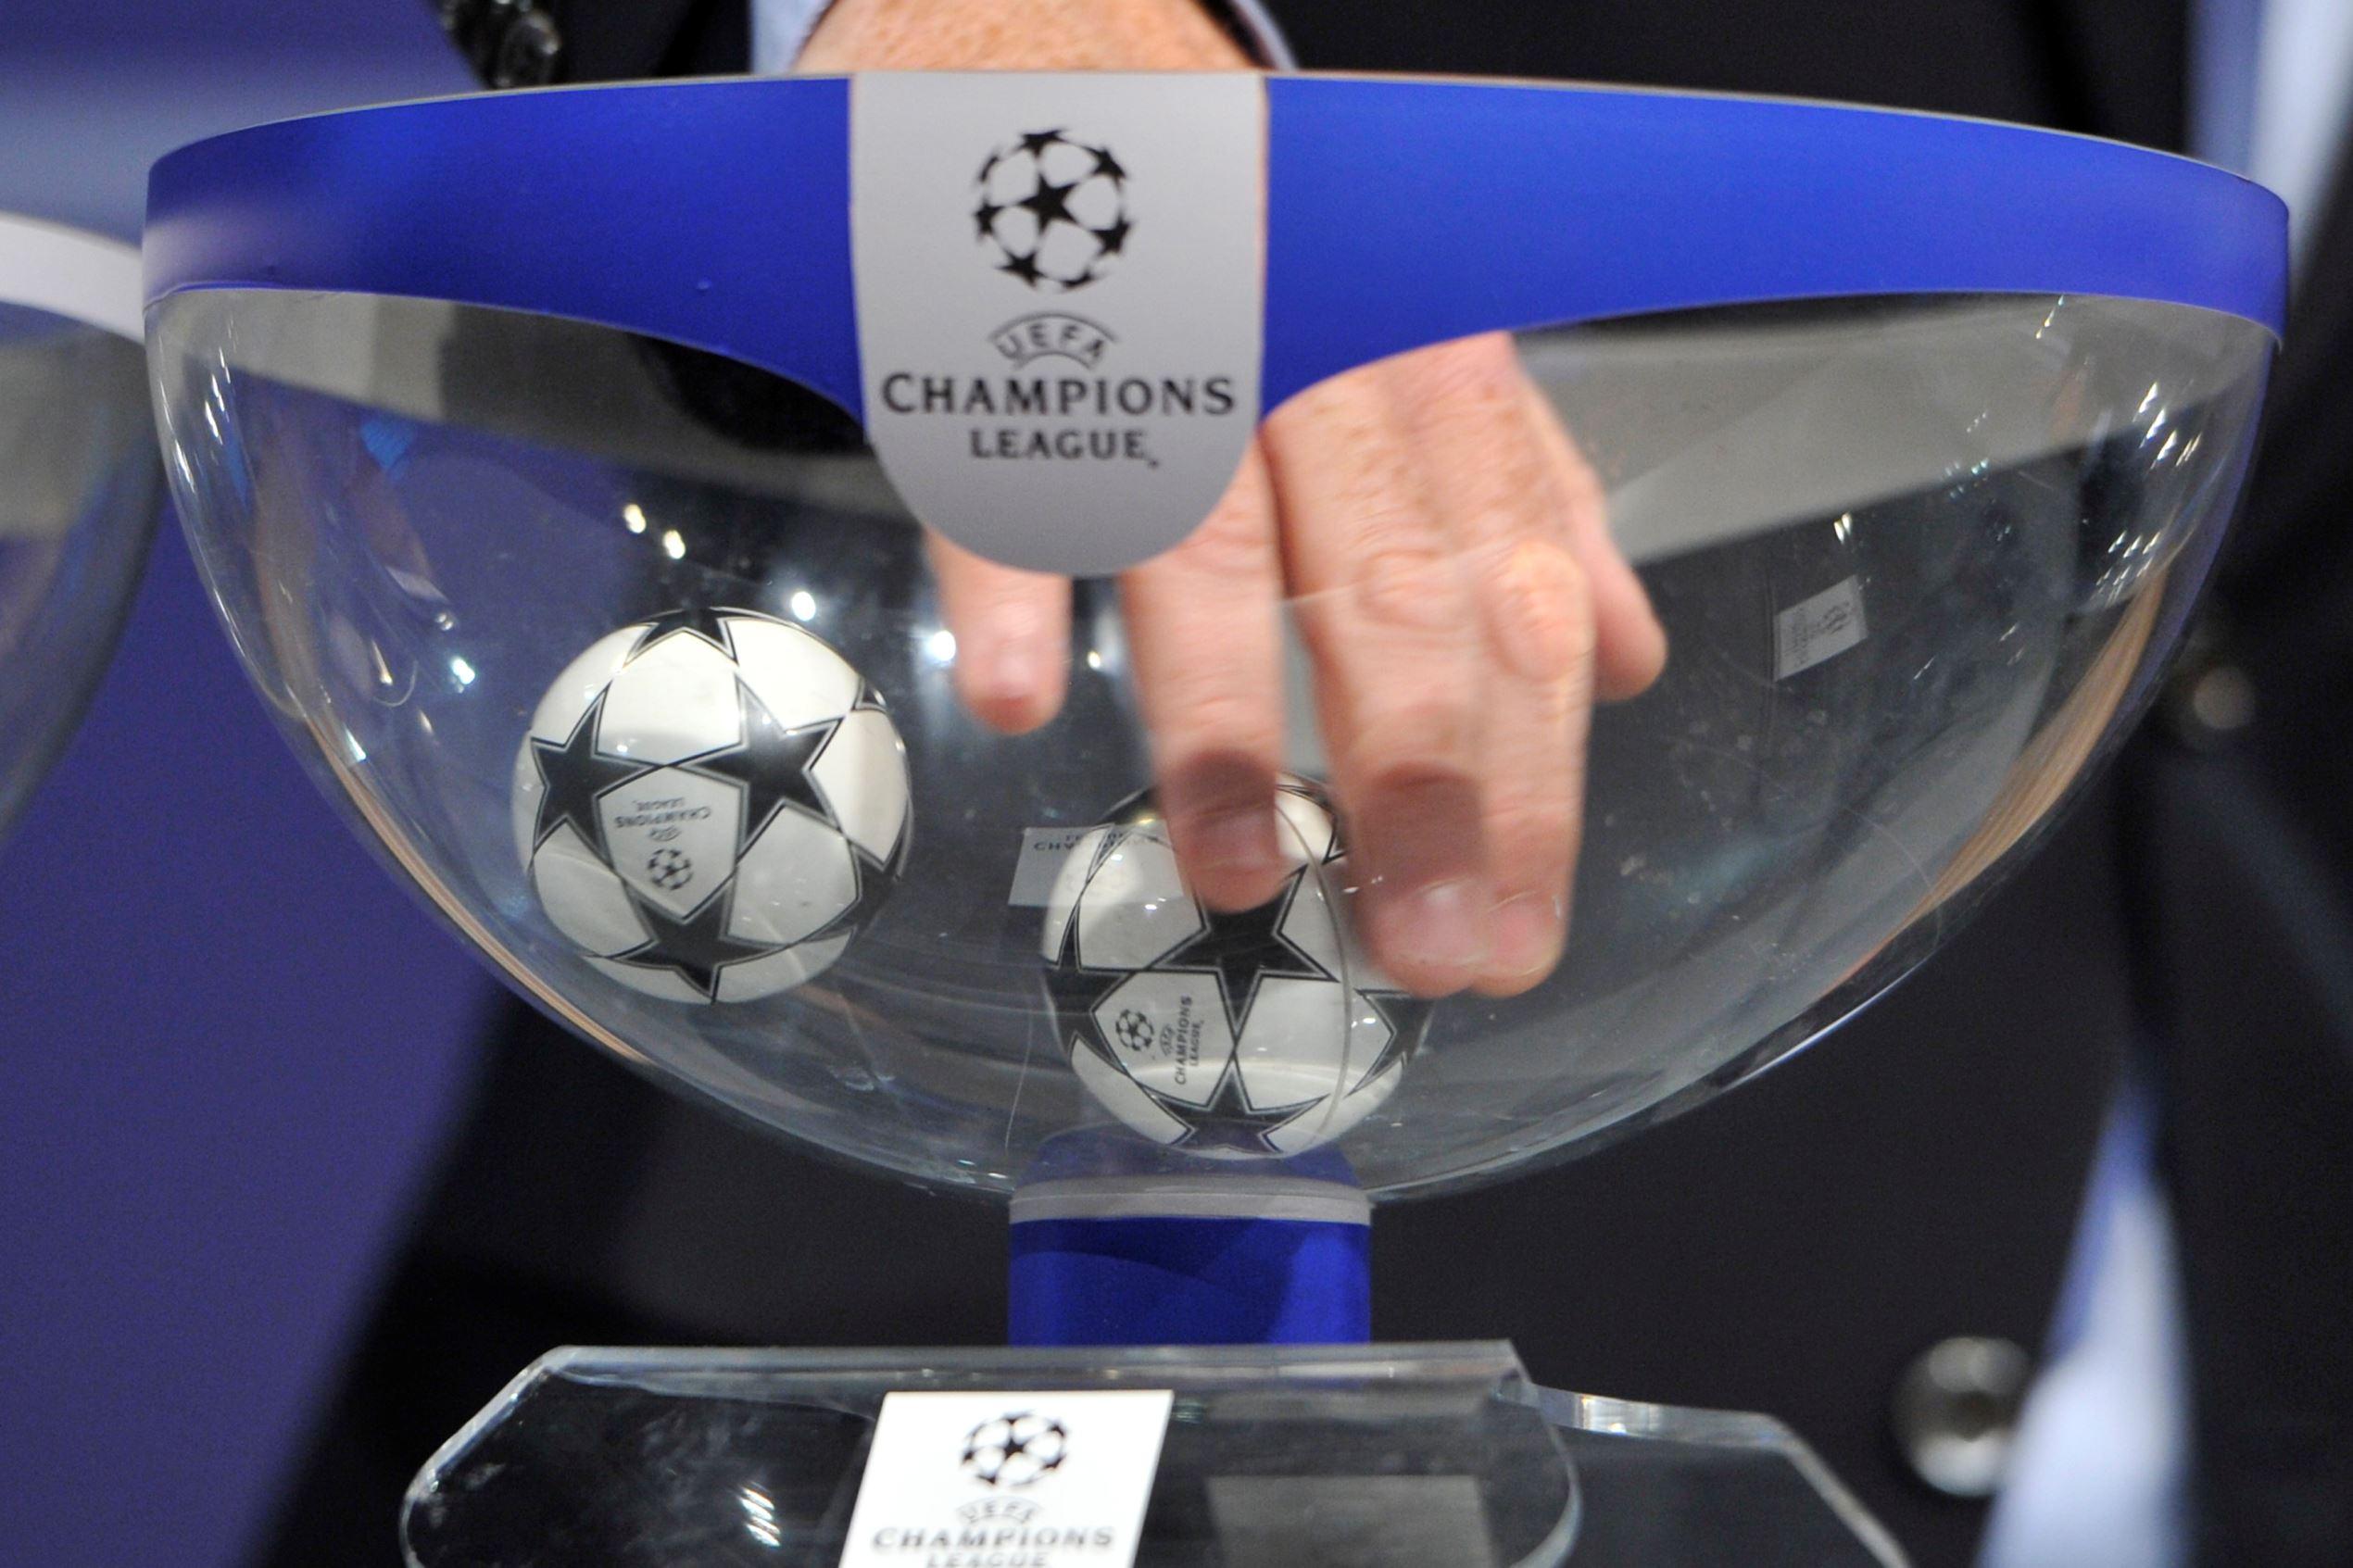 Fortuna para el Atlético y rivales duros para Madrid y Barça con la ventaja de que jugarán la vuelta en casa.